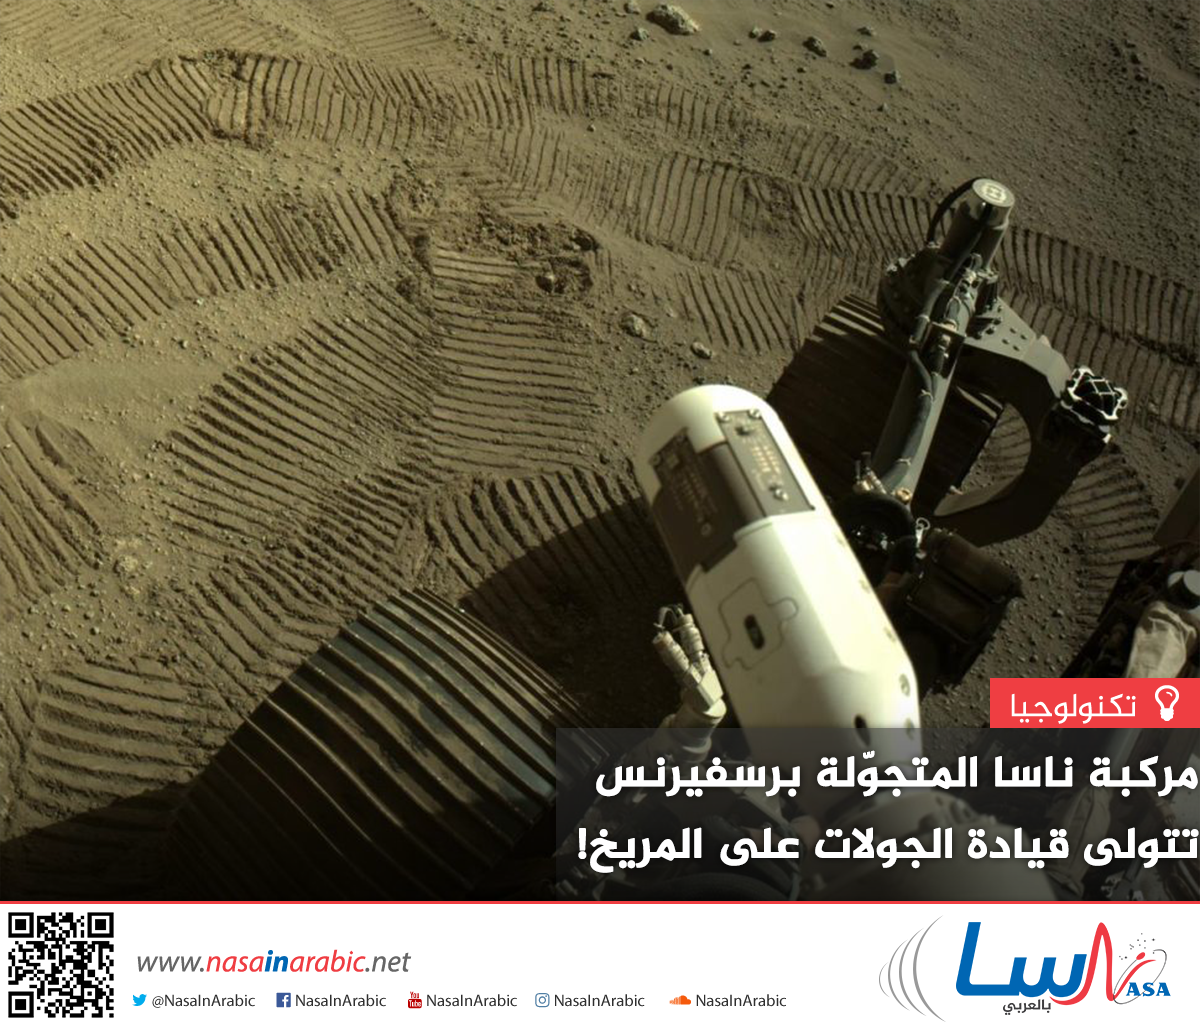 مركبة ناسا المتجوّلة برسفيرنس تتولى قيادة الجولات على المريخ!